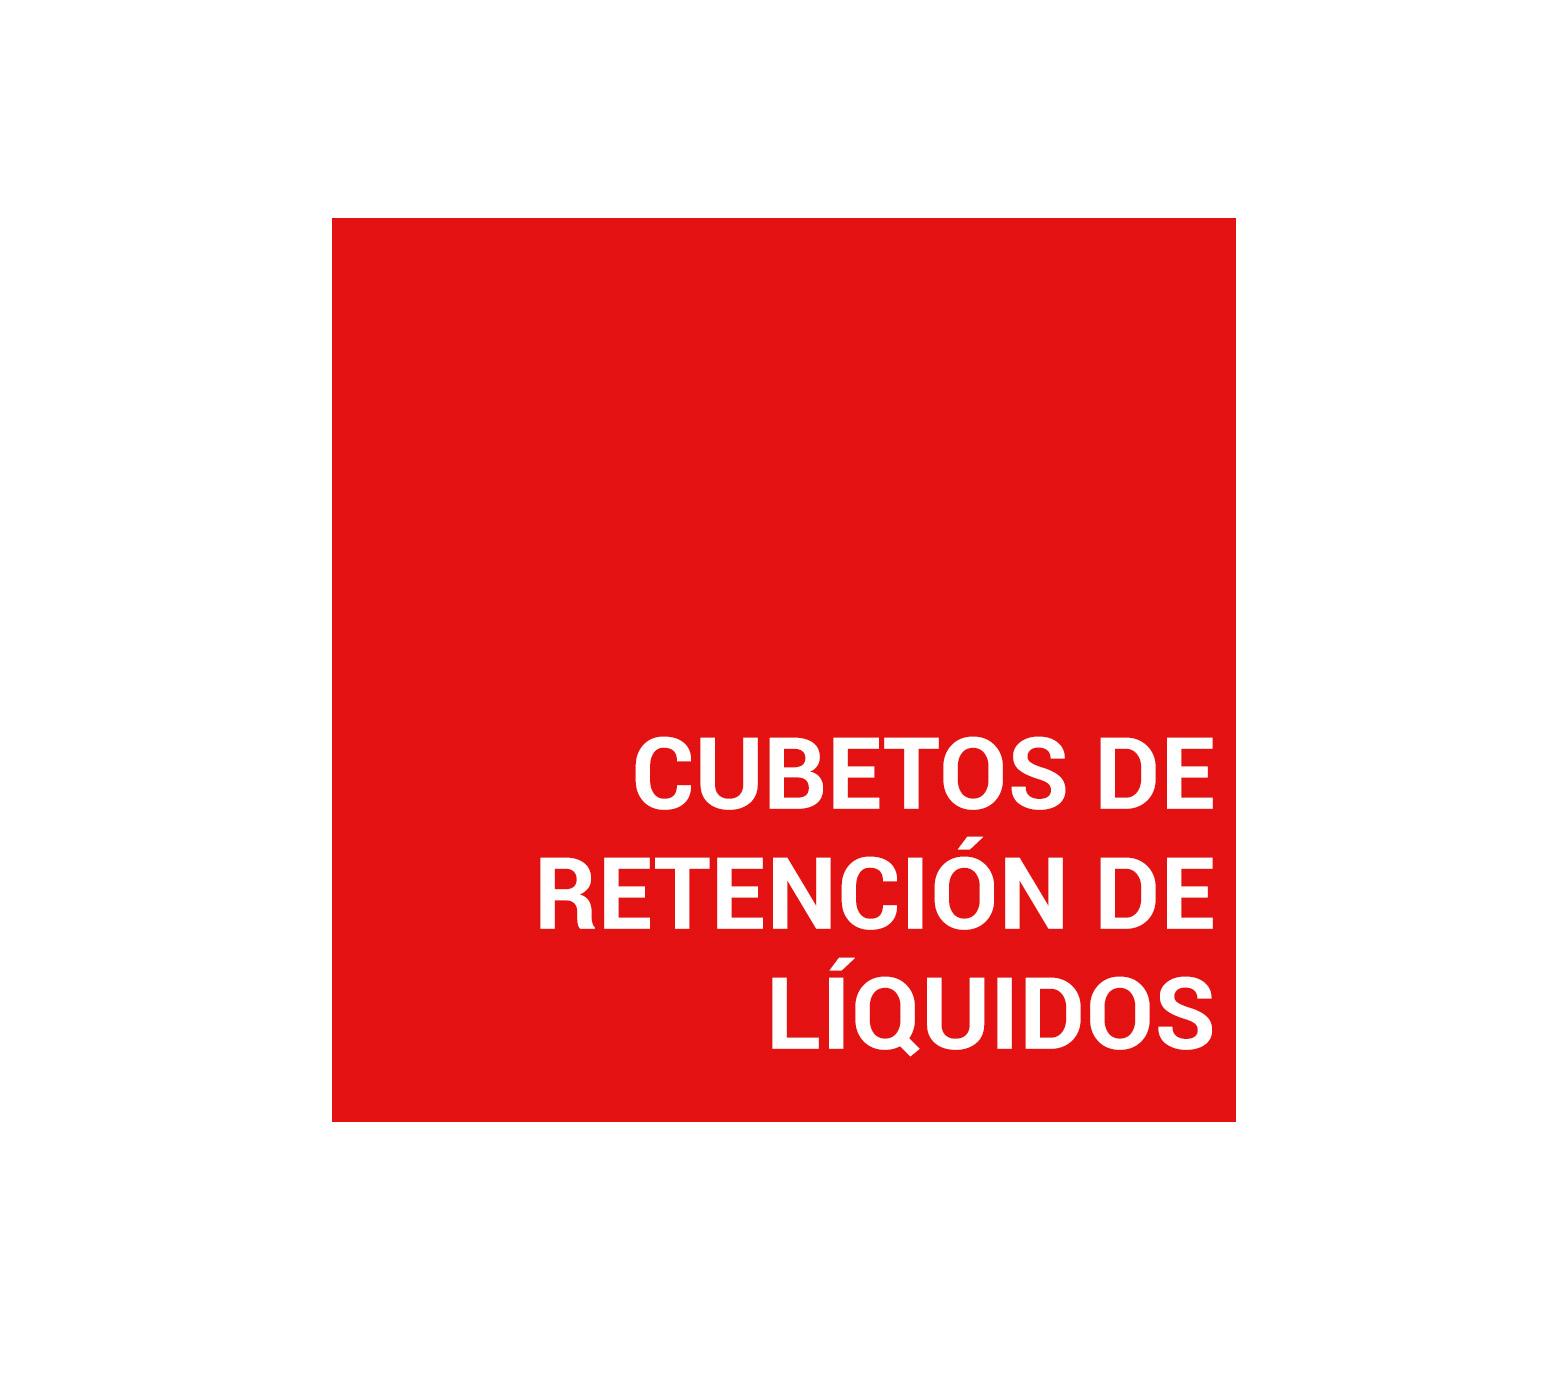 cubetos de retencion de liquidos- industria